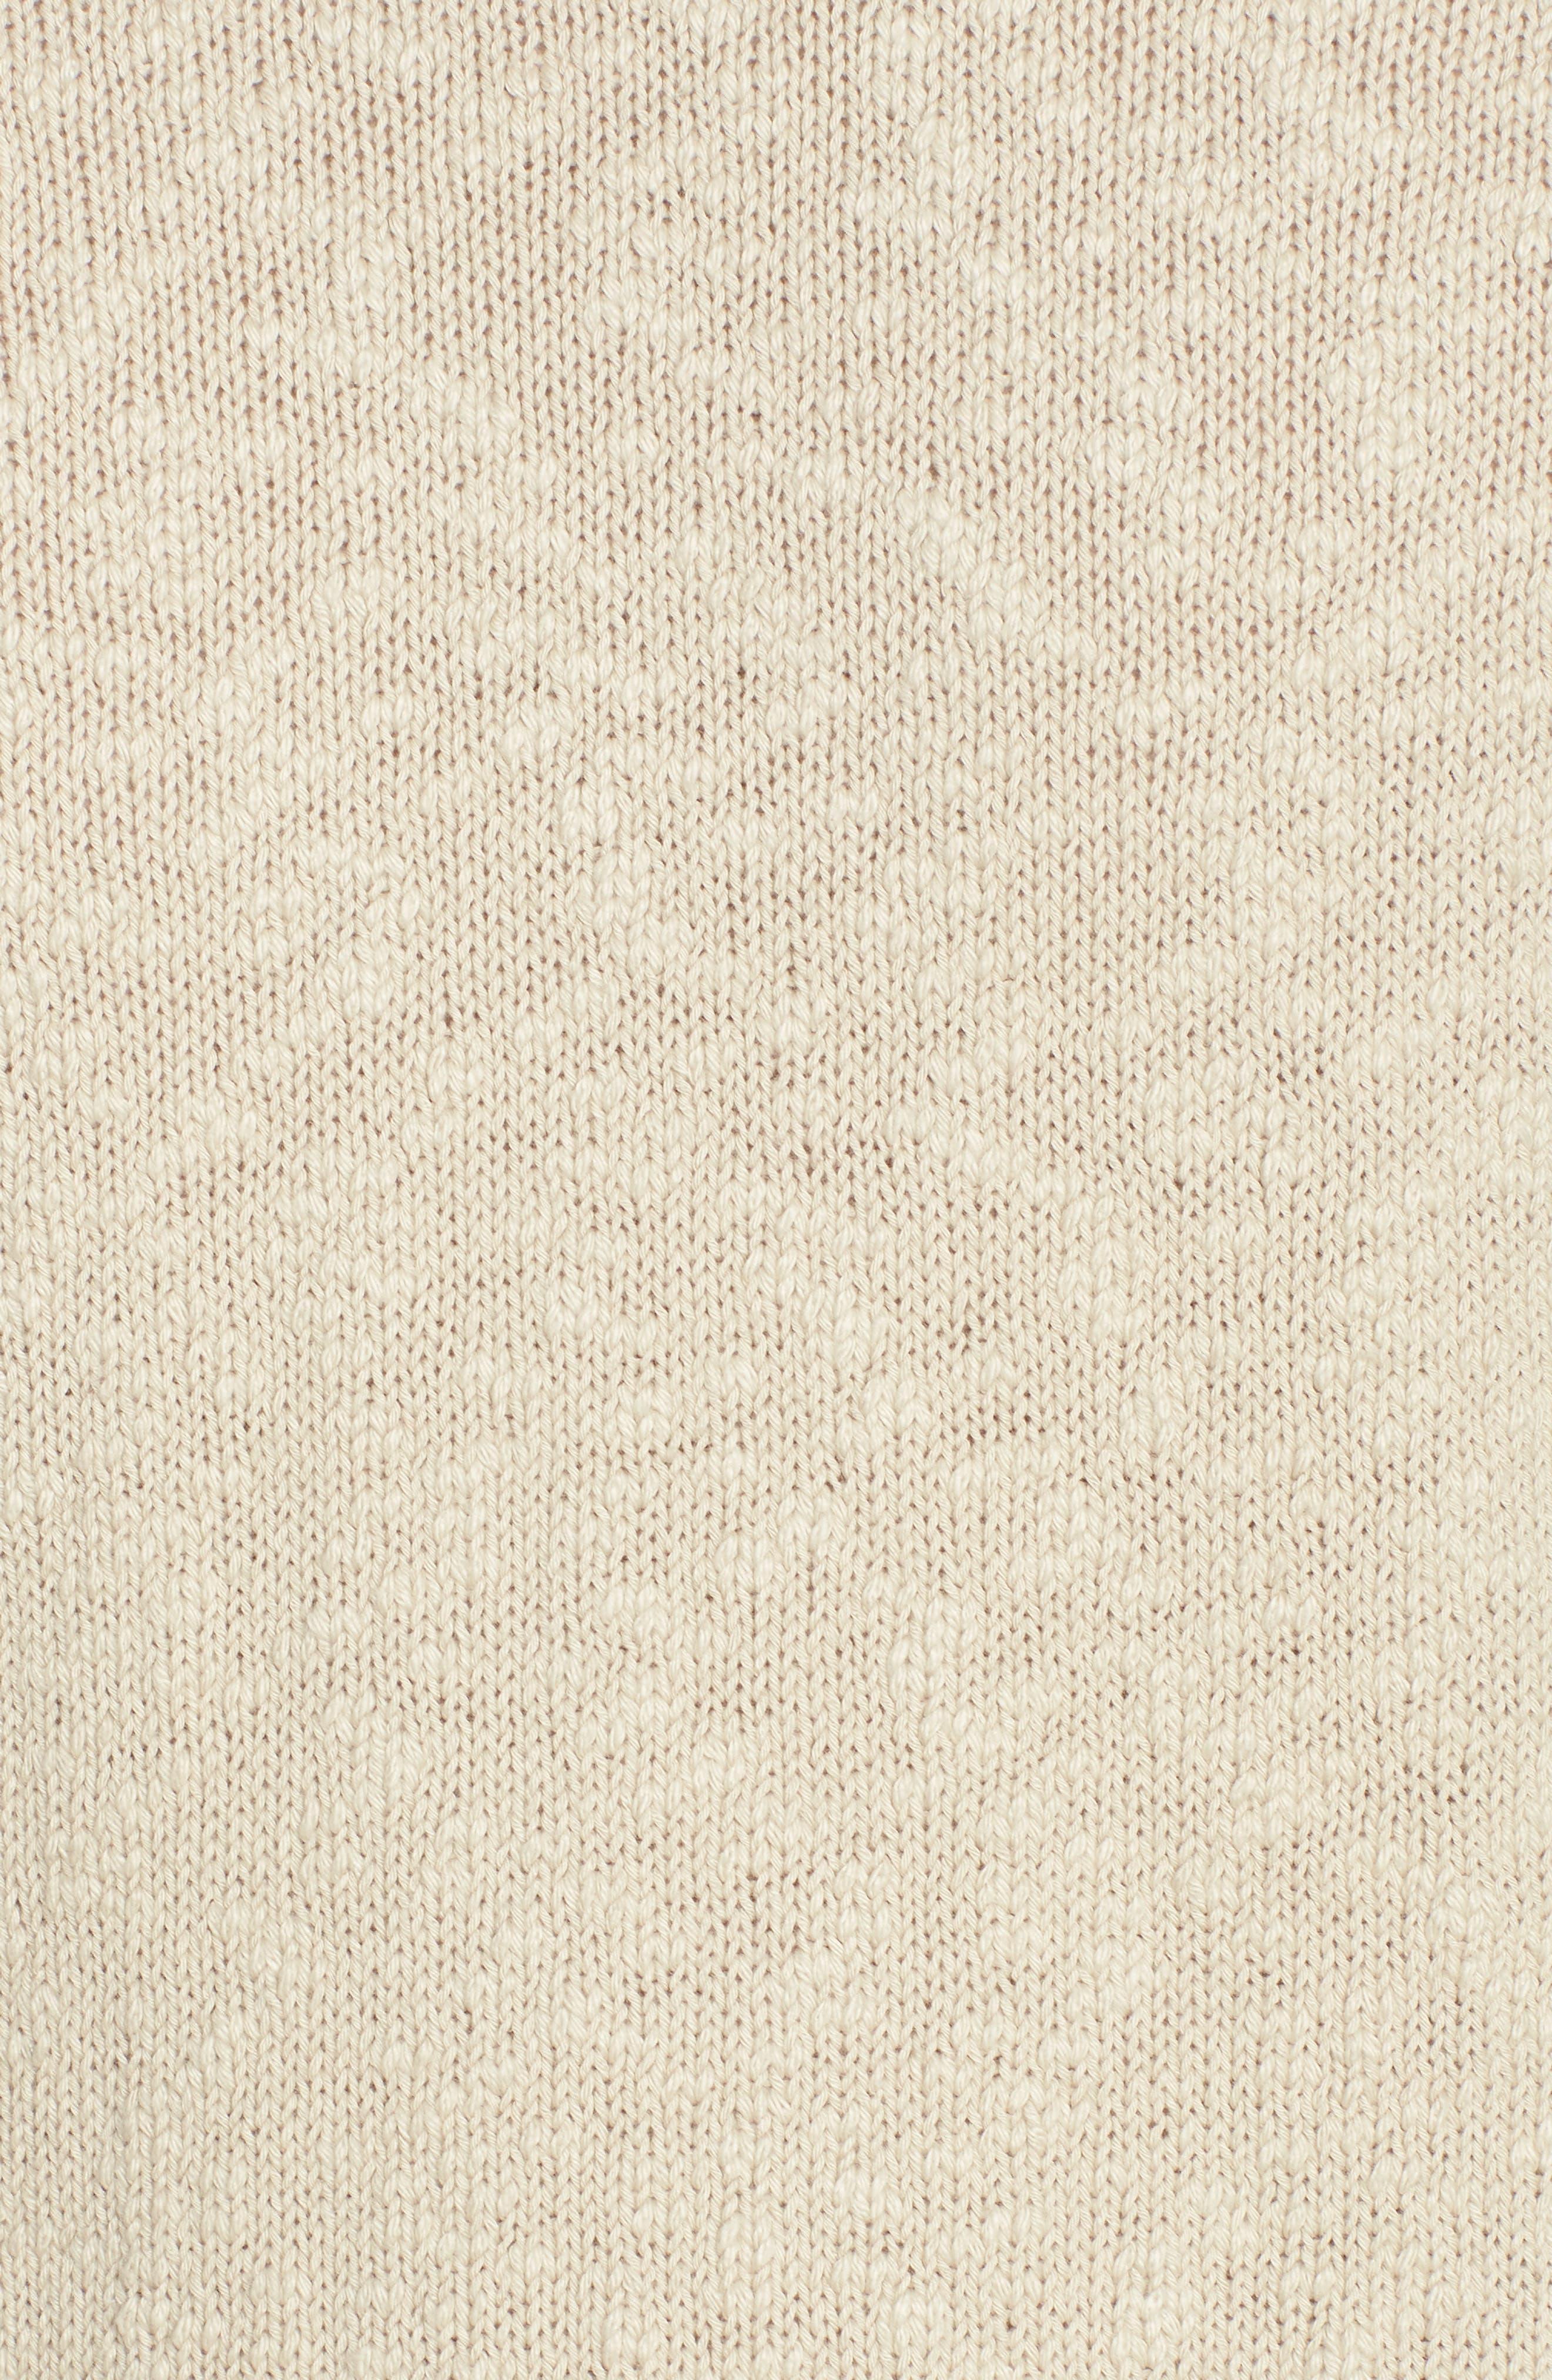 Deklyn Slim Fit Crew Sweater,                             Alternate thumbnail 5, color,                             250